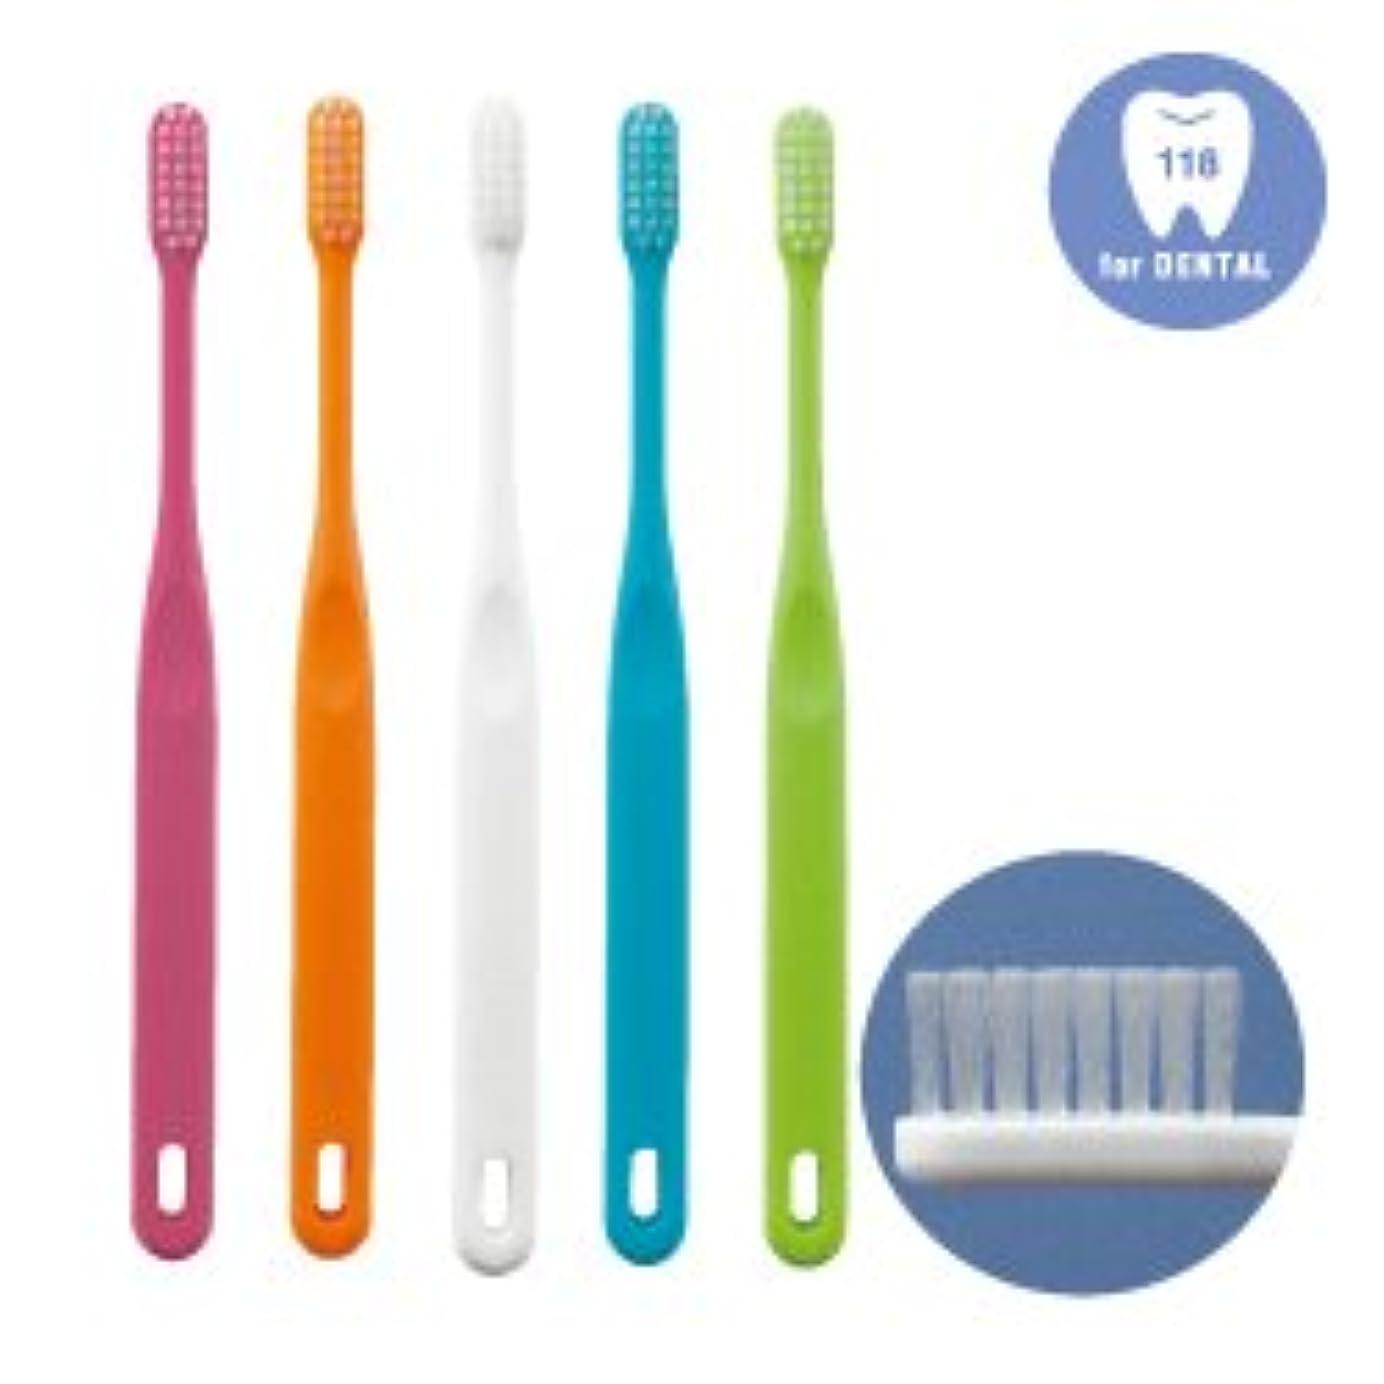 滝作詞家笑い歯科専用歯ブラシ「118シリーズ」Advance(アドバンス)M(ふつう)25本